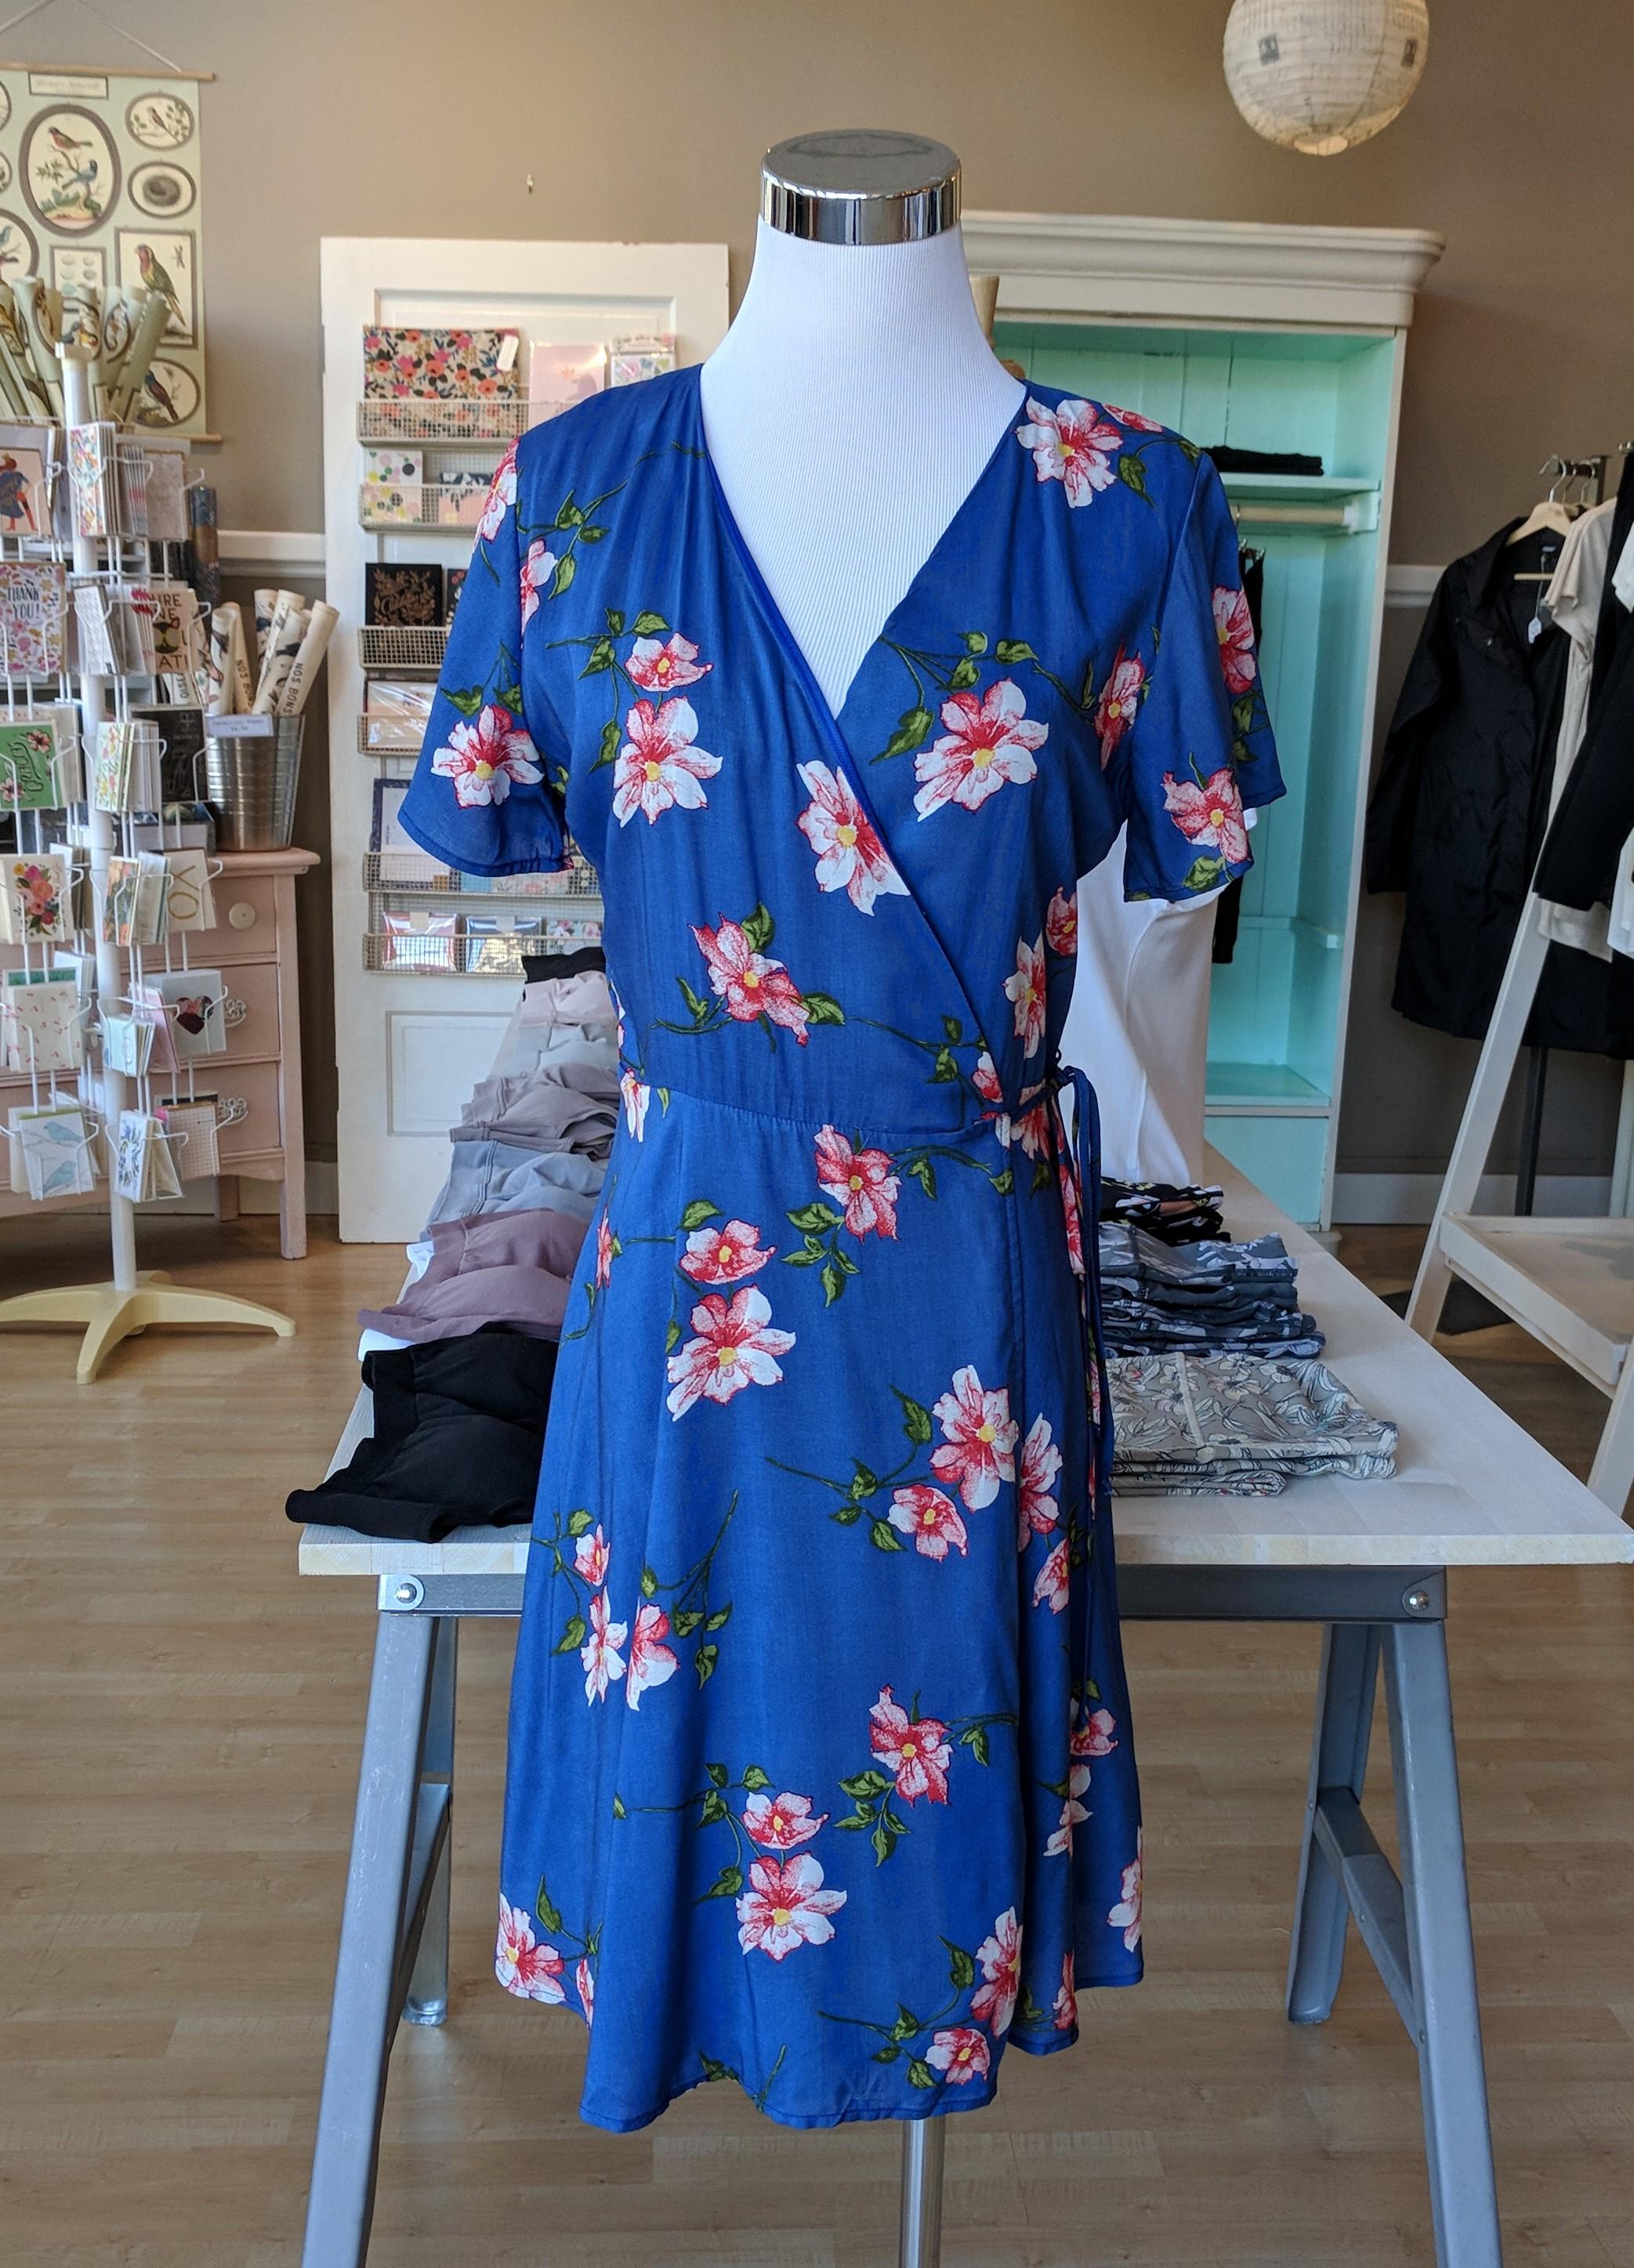 Floral midi dress $52